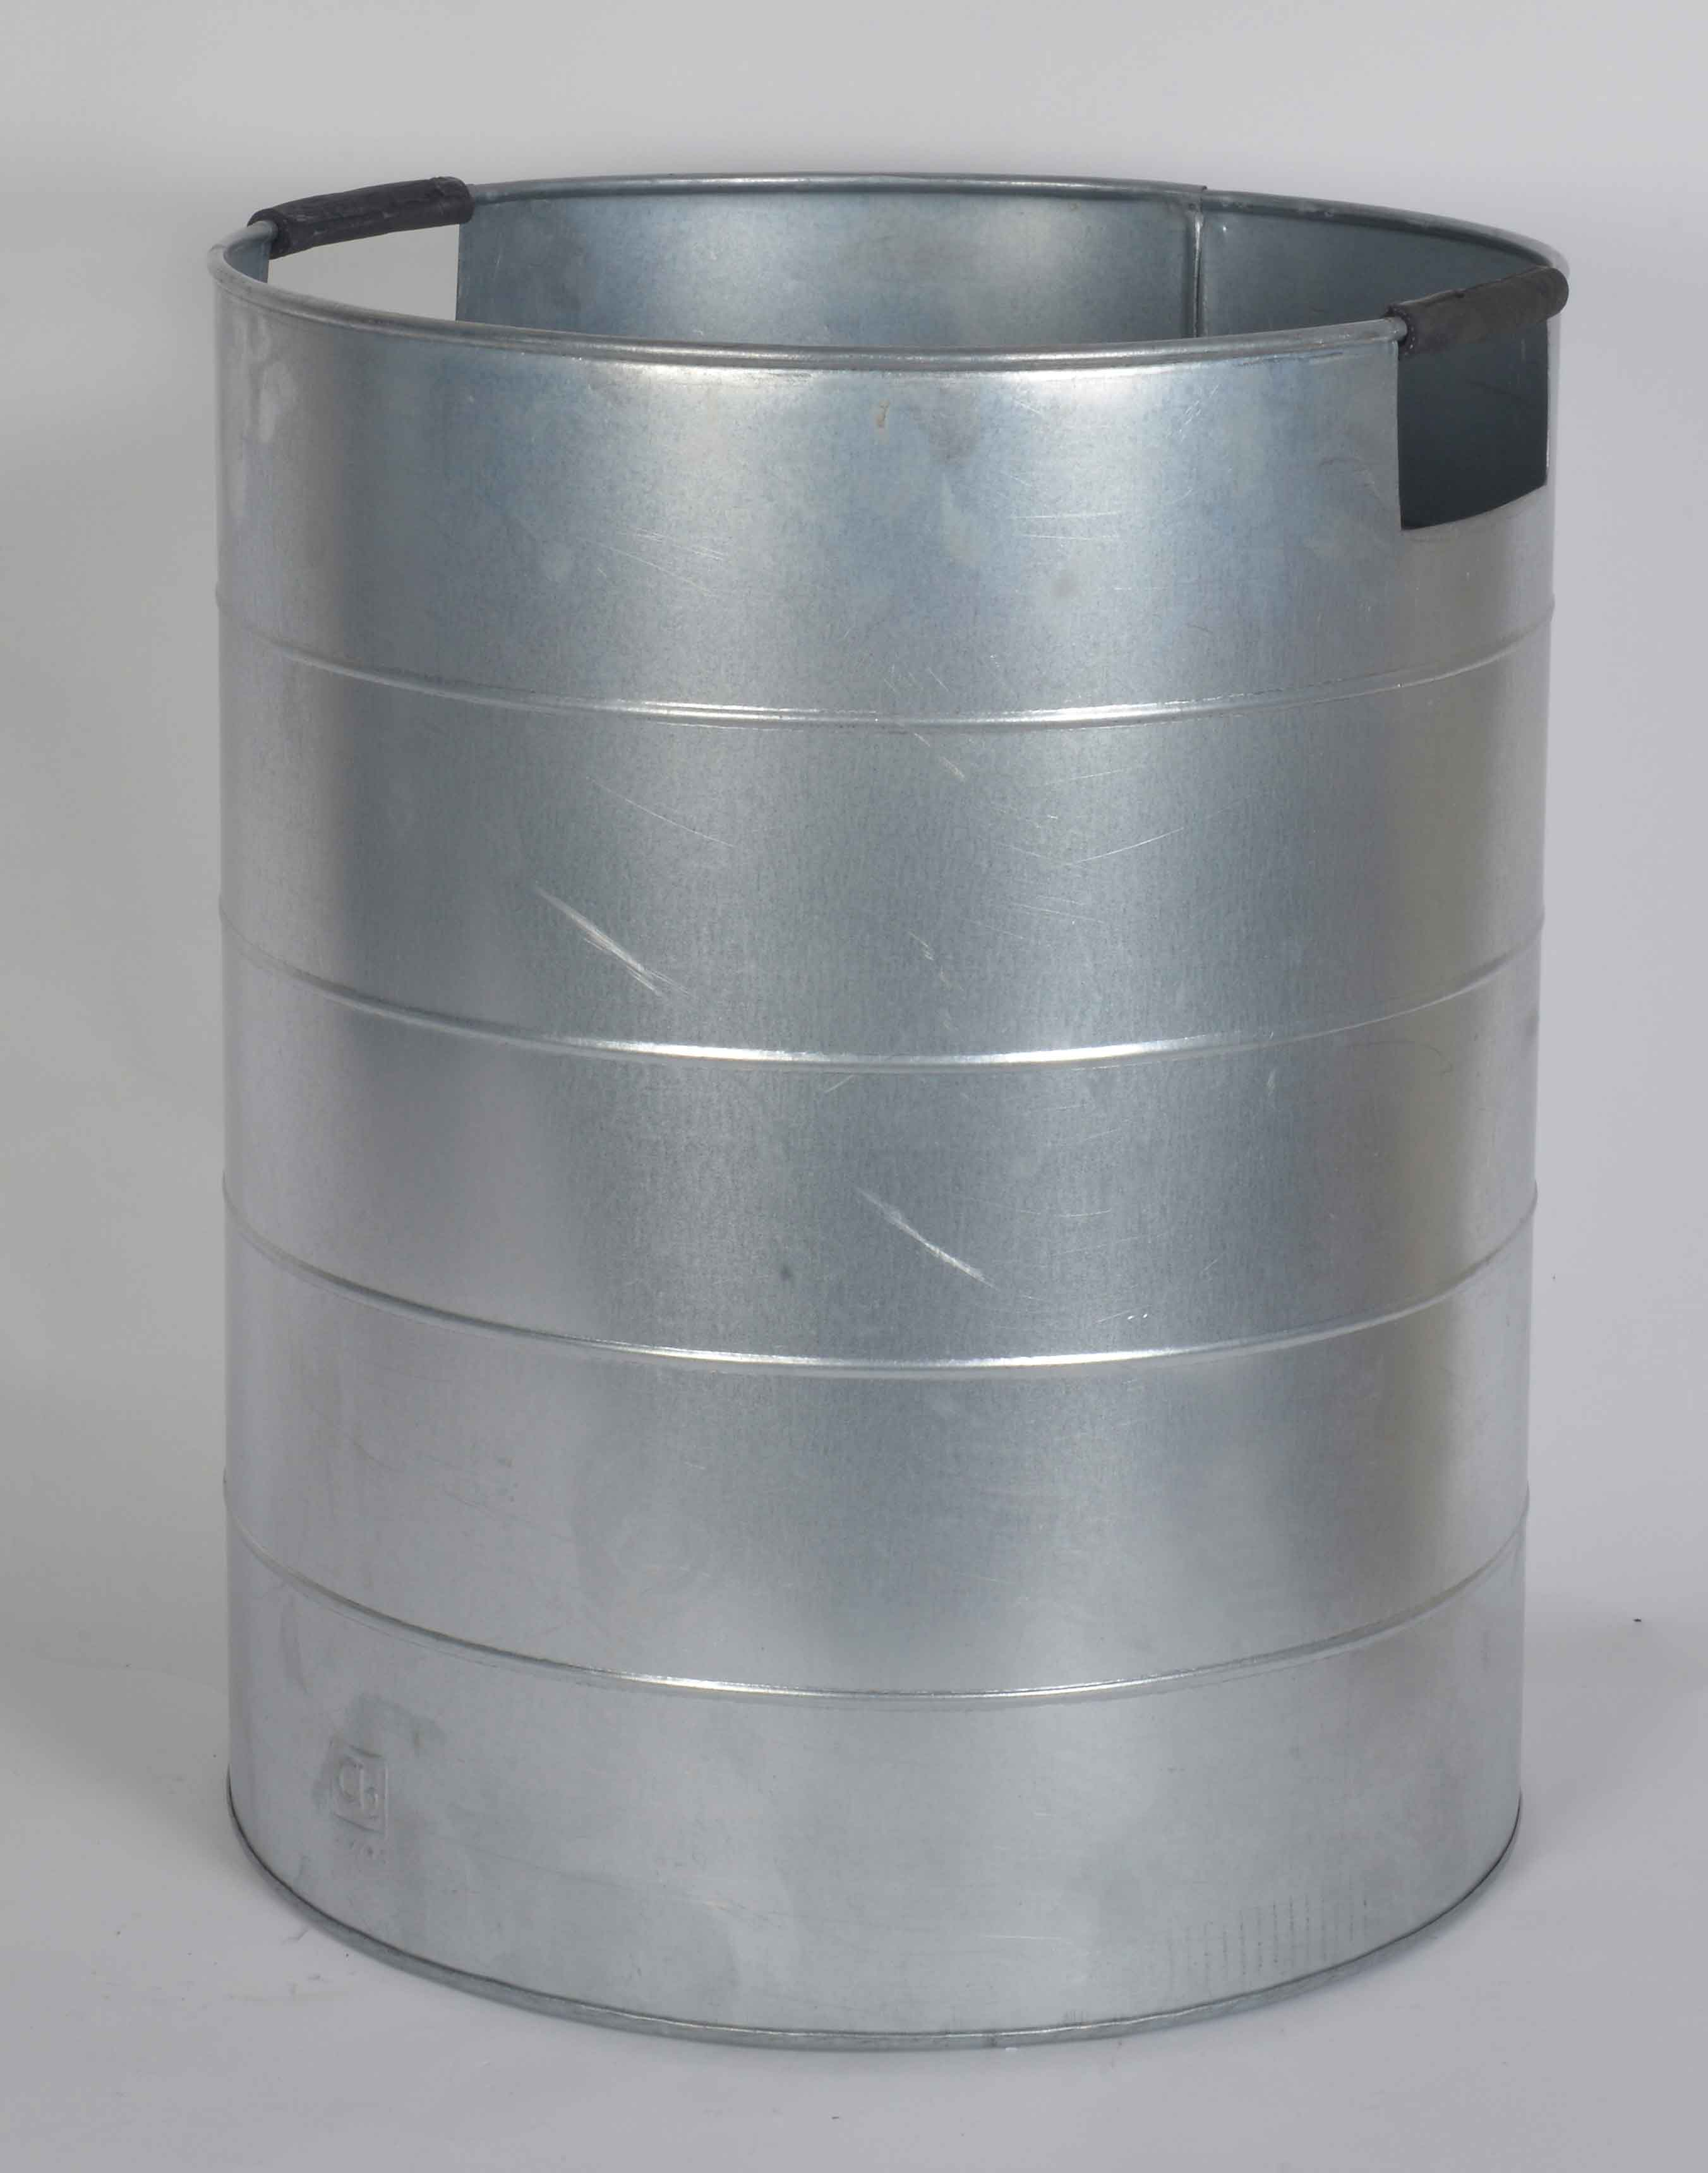 Image of A2 LIVING Mega Plantespand - galvaniseret stål, med håndtag